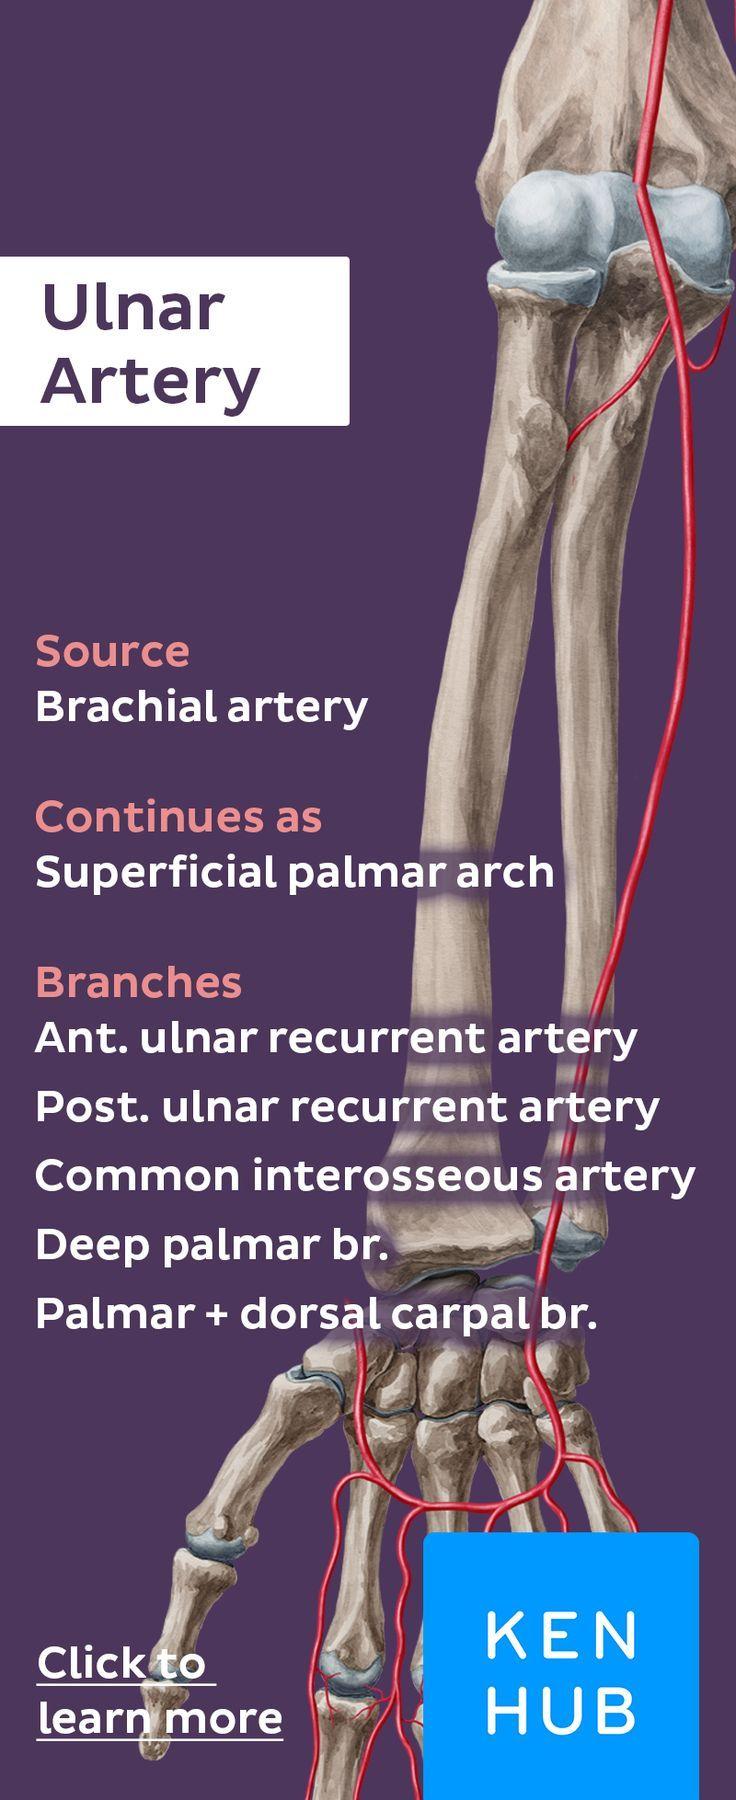 Ulnar Artery | Pinterest | Anatomía, Partes del cuerpo y Cuerpo humano